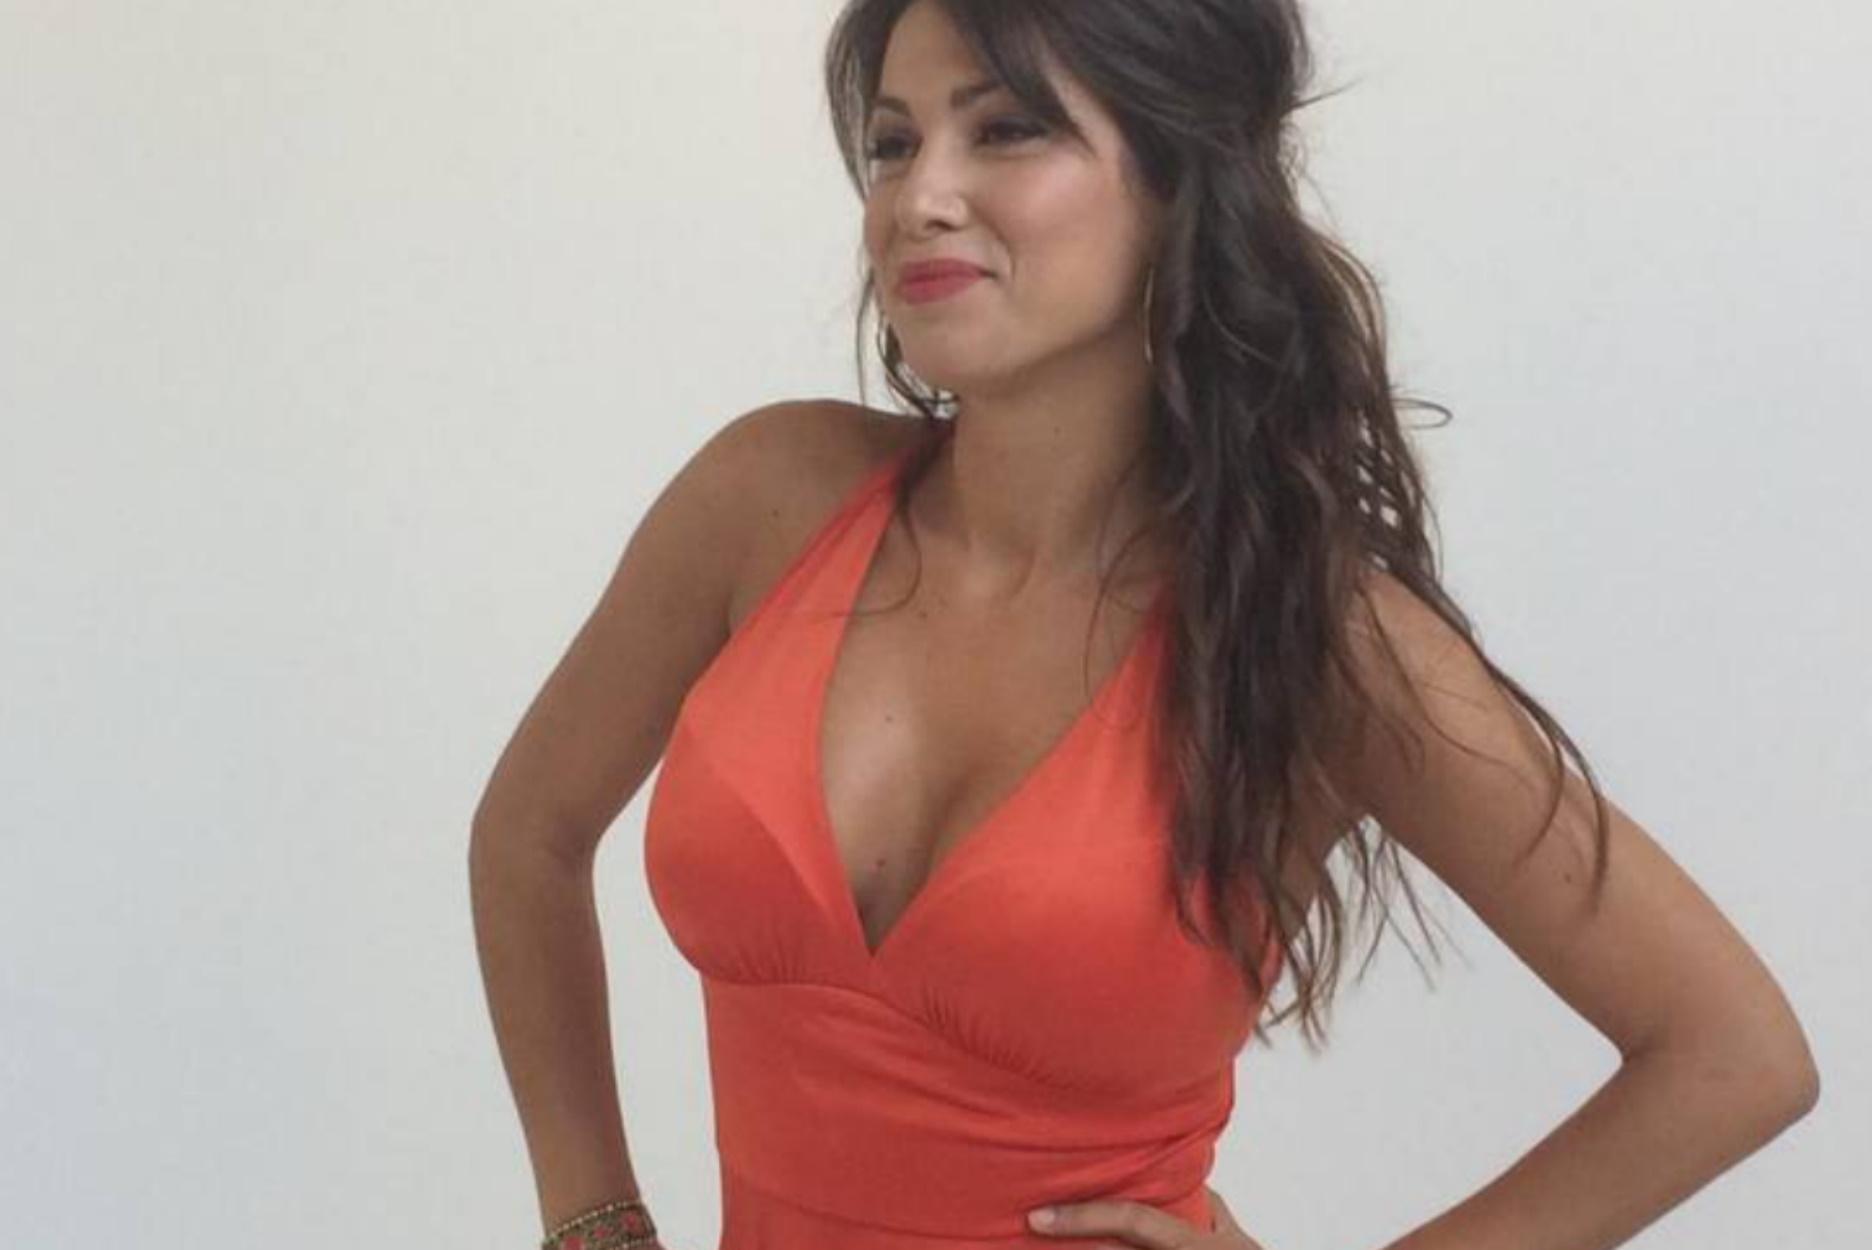 Κλέλια Ρένεση: Το δημόσιο «ευχαριστώ» σε συνάδελφό της που την έσωσε από τα δύσκολα